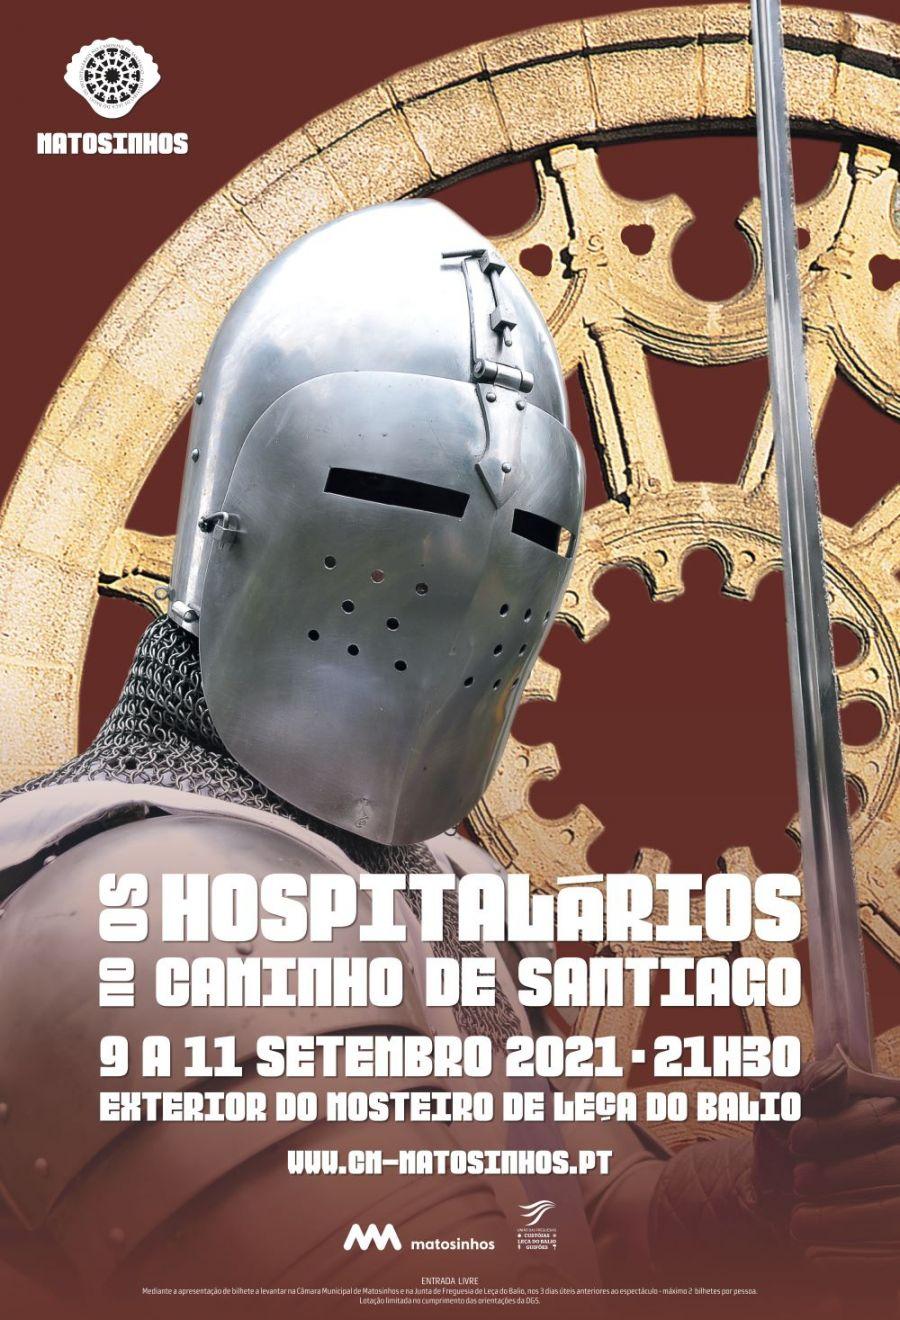 'Hospitalários no Caminho de Santiago'